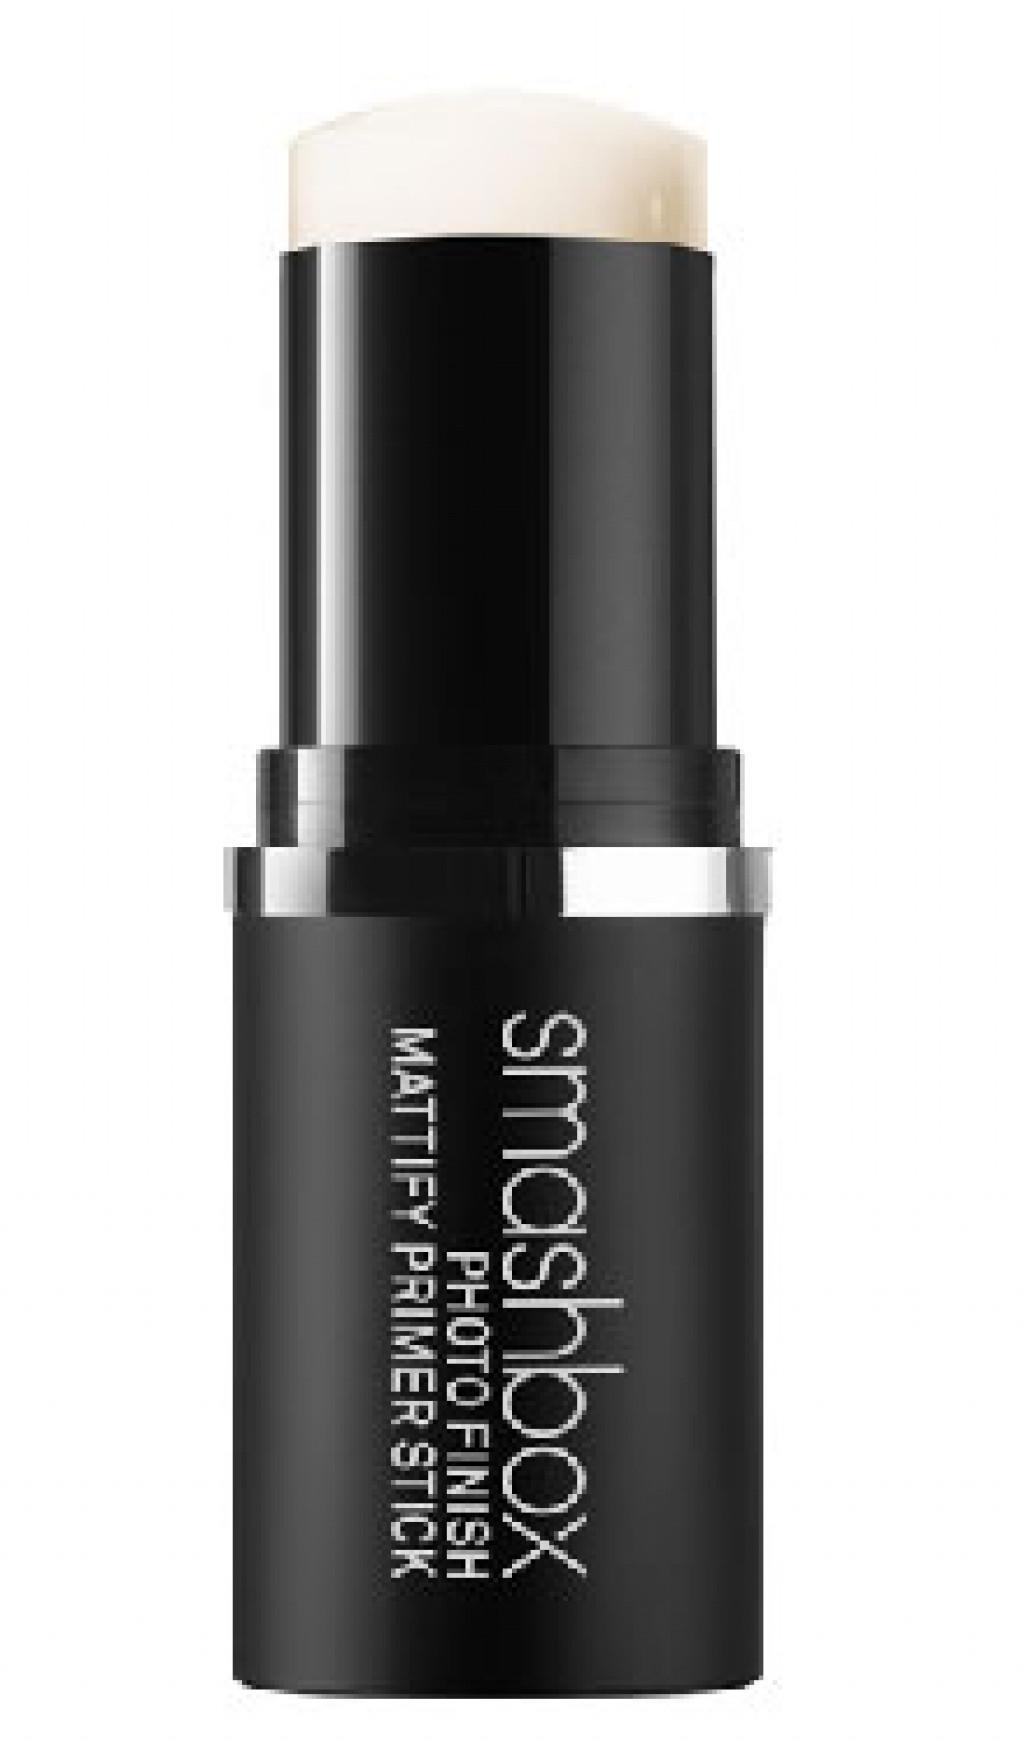 Smashbox Studio Skin 24 Hour Waterproof Concealer - Fair